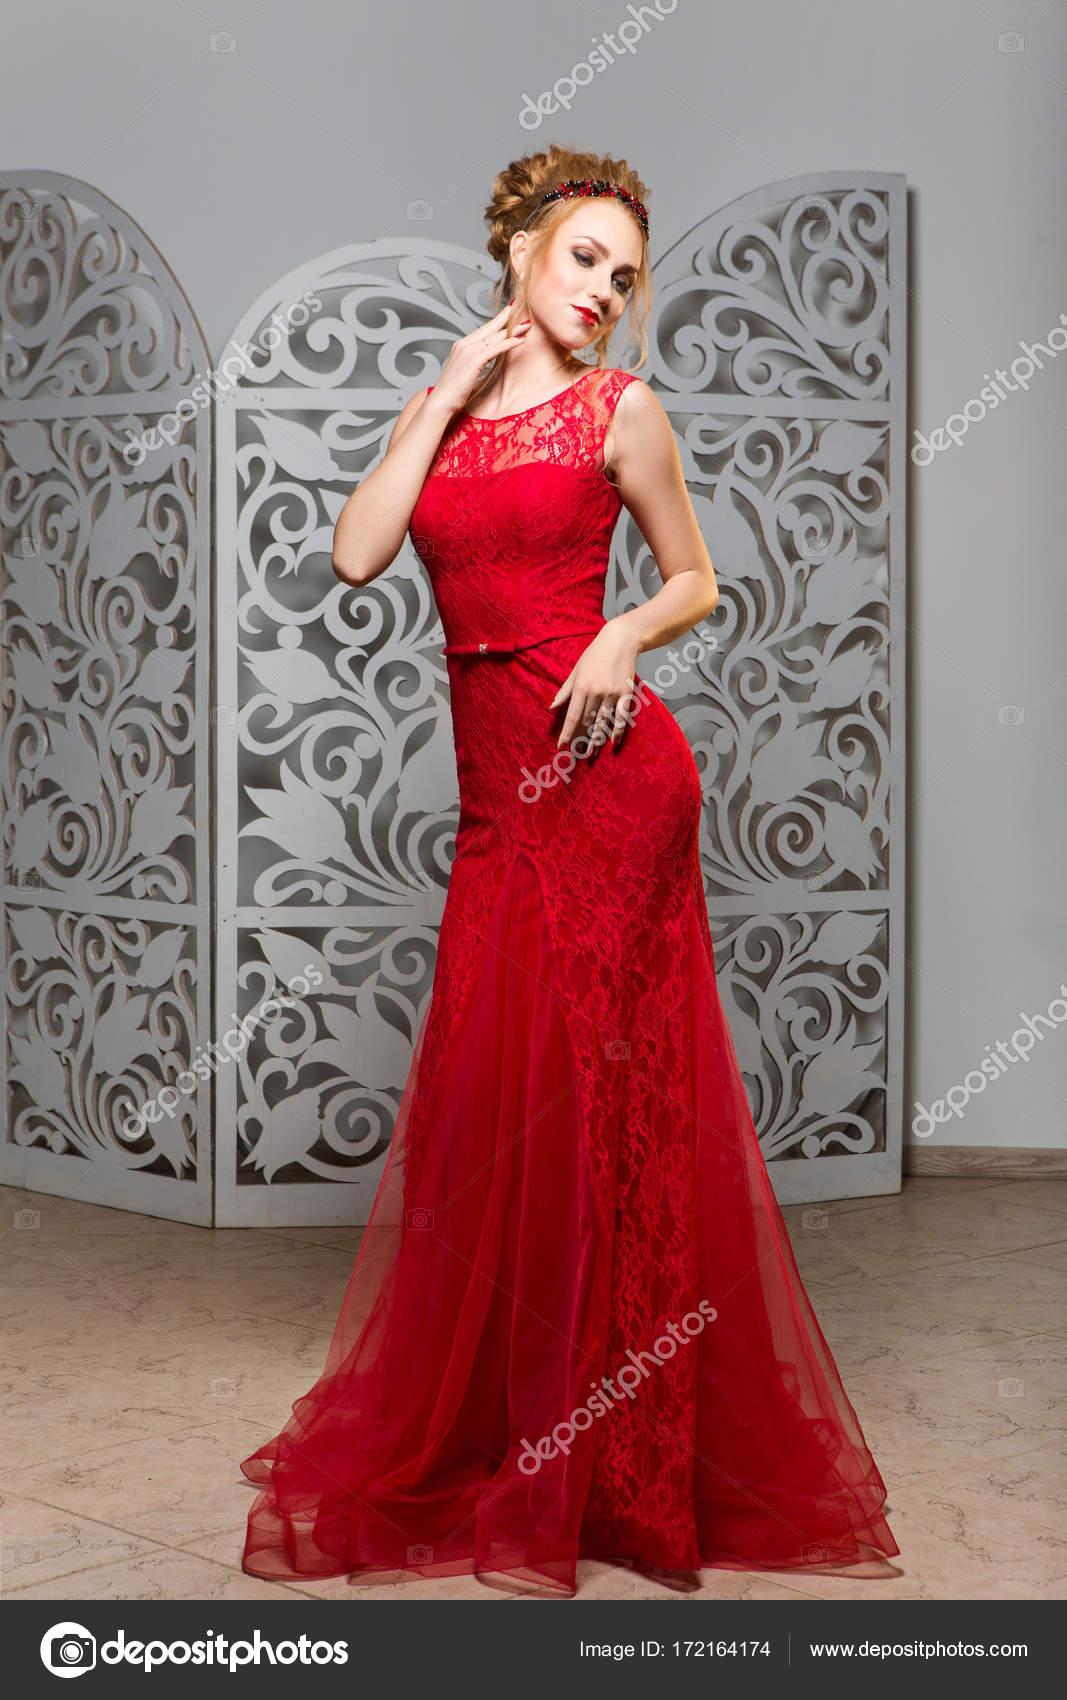 Rode Trouwjurk.Mooi Meisje In Trouwjurk Stockfoto C Svetography 172164174